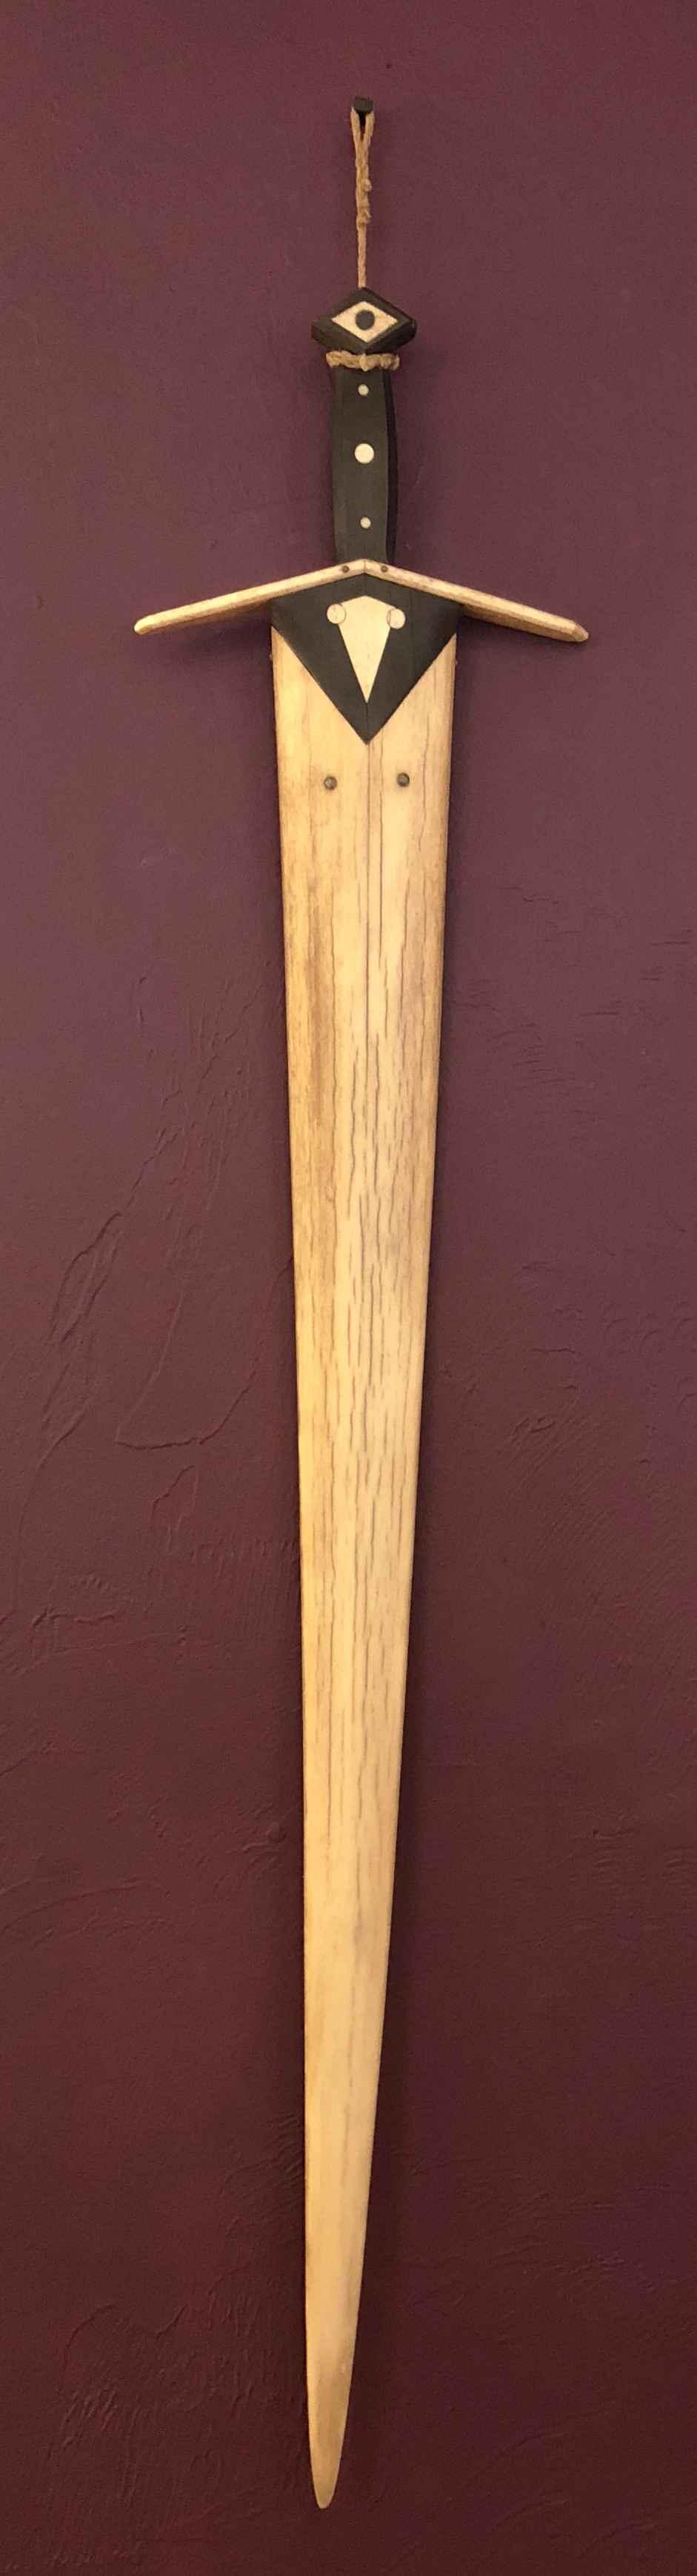 Sword Bill by  Frank Rapoza - Masterpiece Online